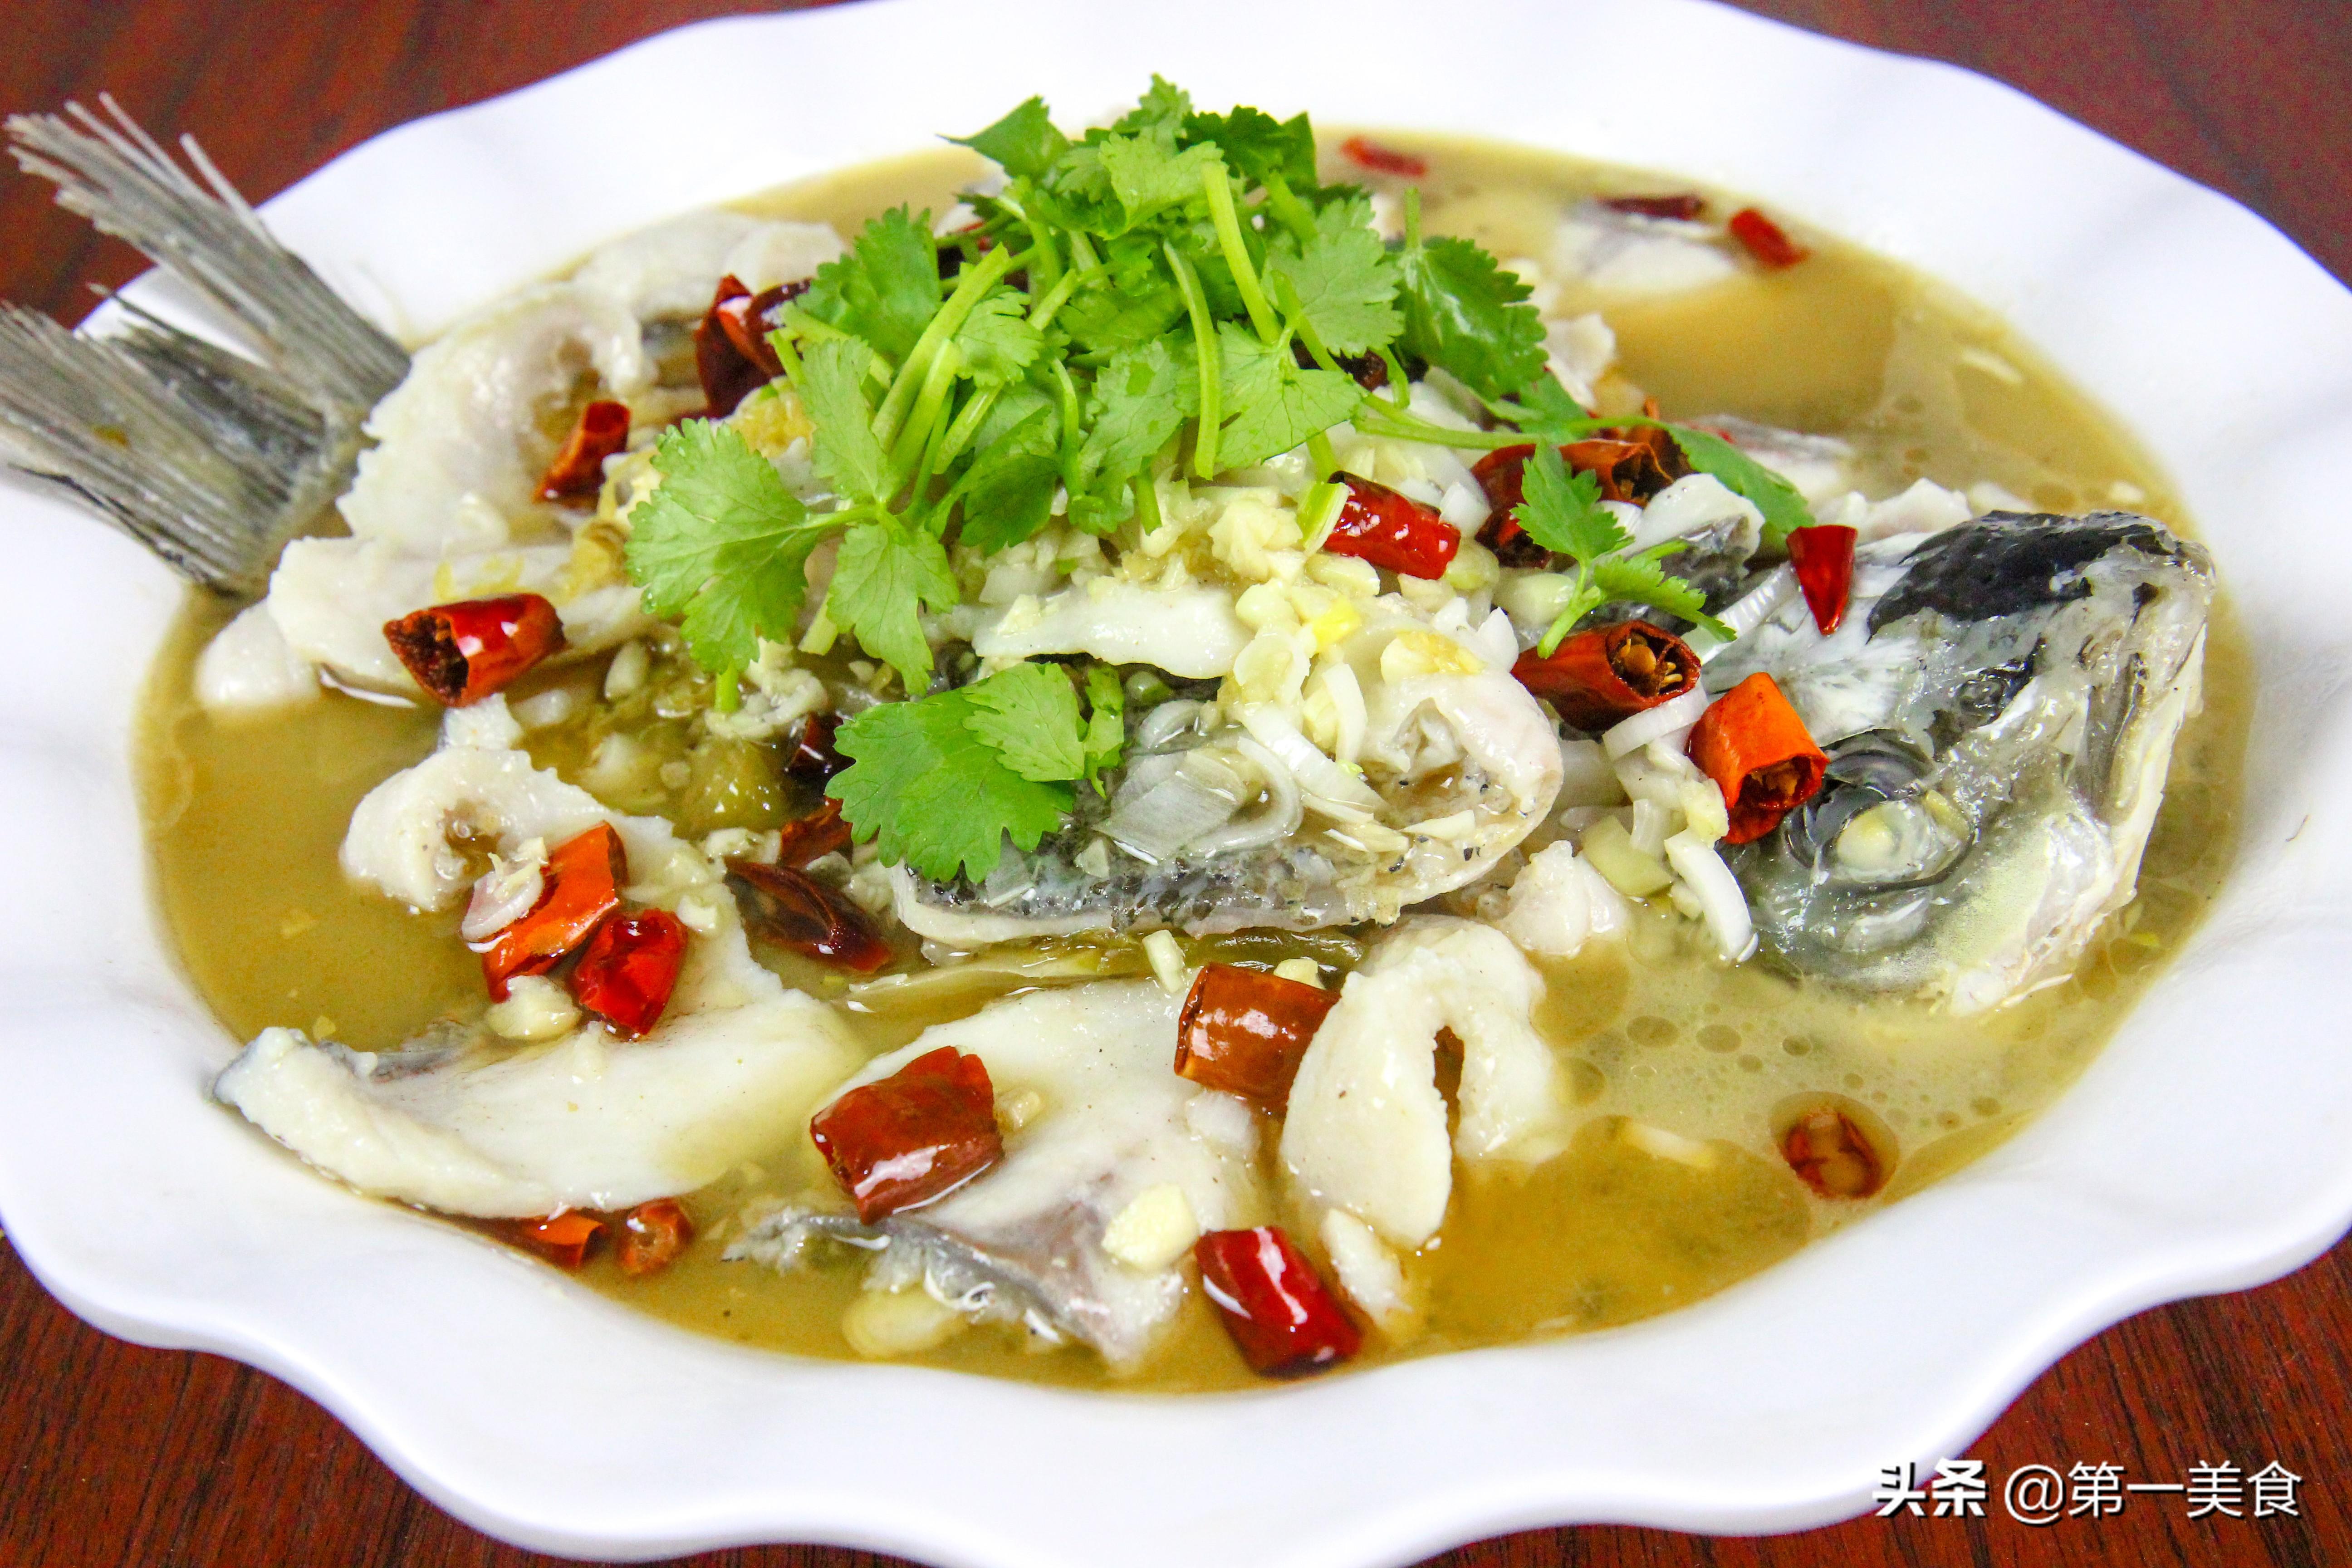 厨师长分享地道酸菜鱼,汤汁鲜香又开胃,鱼片嫩白又不腥 美食做法 第18张